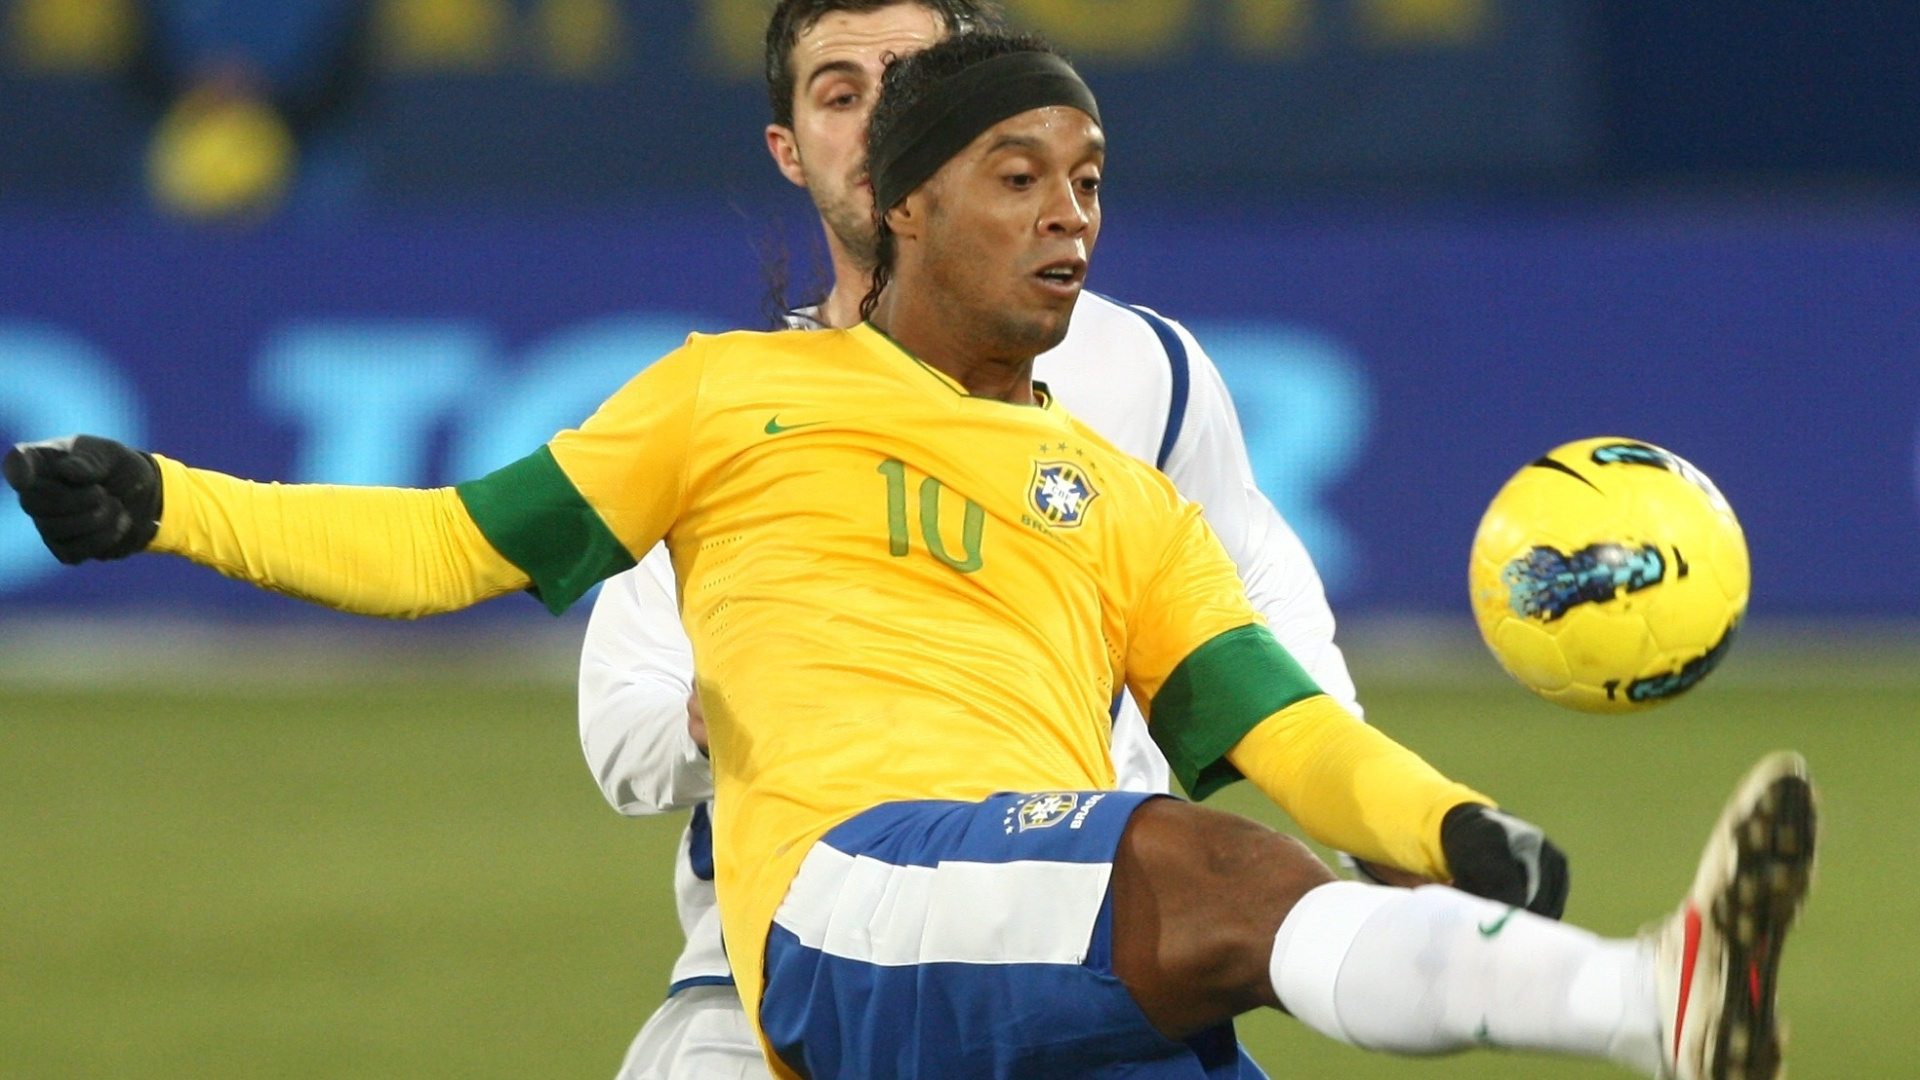 Ronaldinho Gaúcho domina a bola diante de marcação do jogador da Bósnia